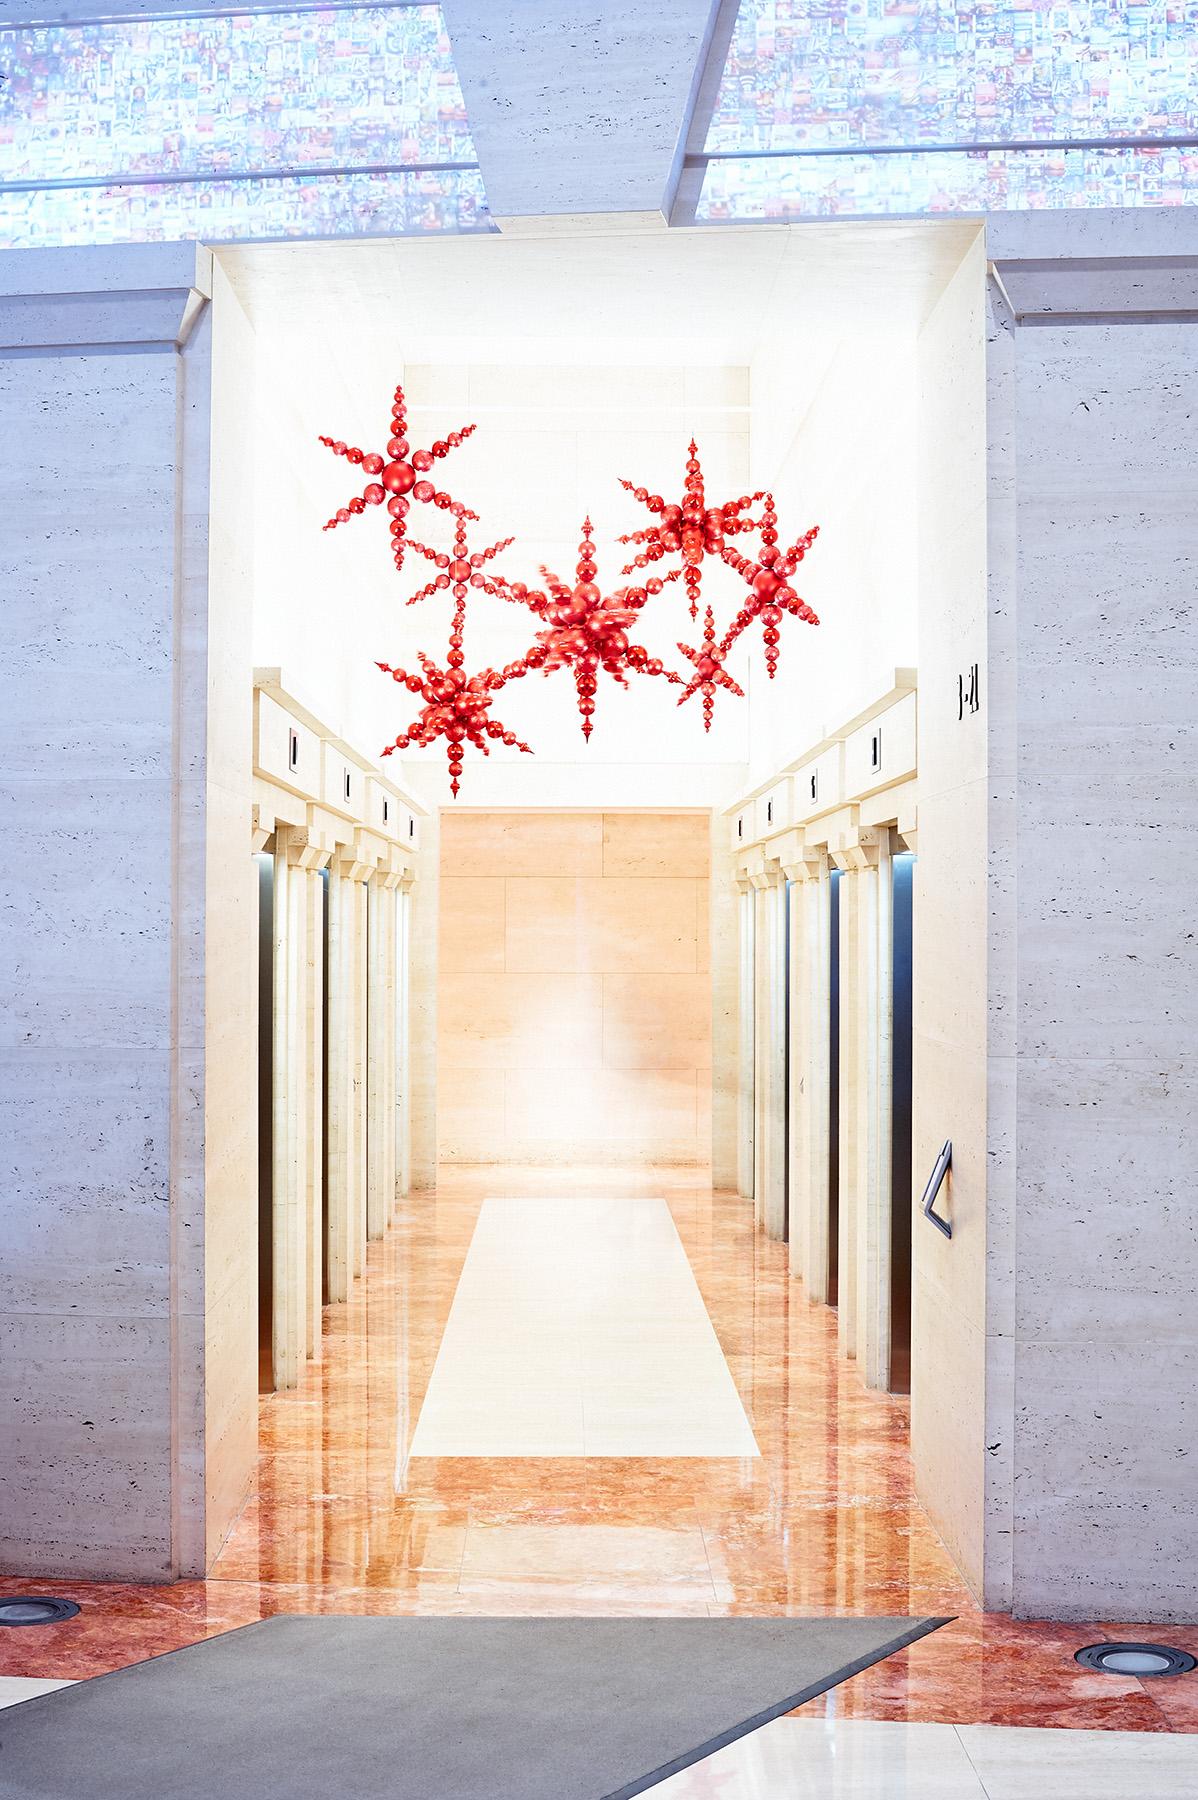 Hanging stars: 180 N Lasalle